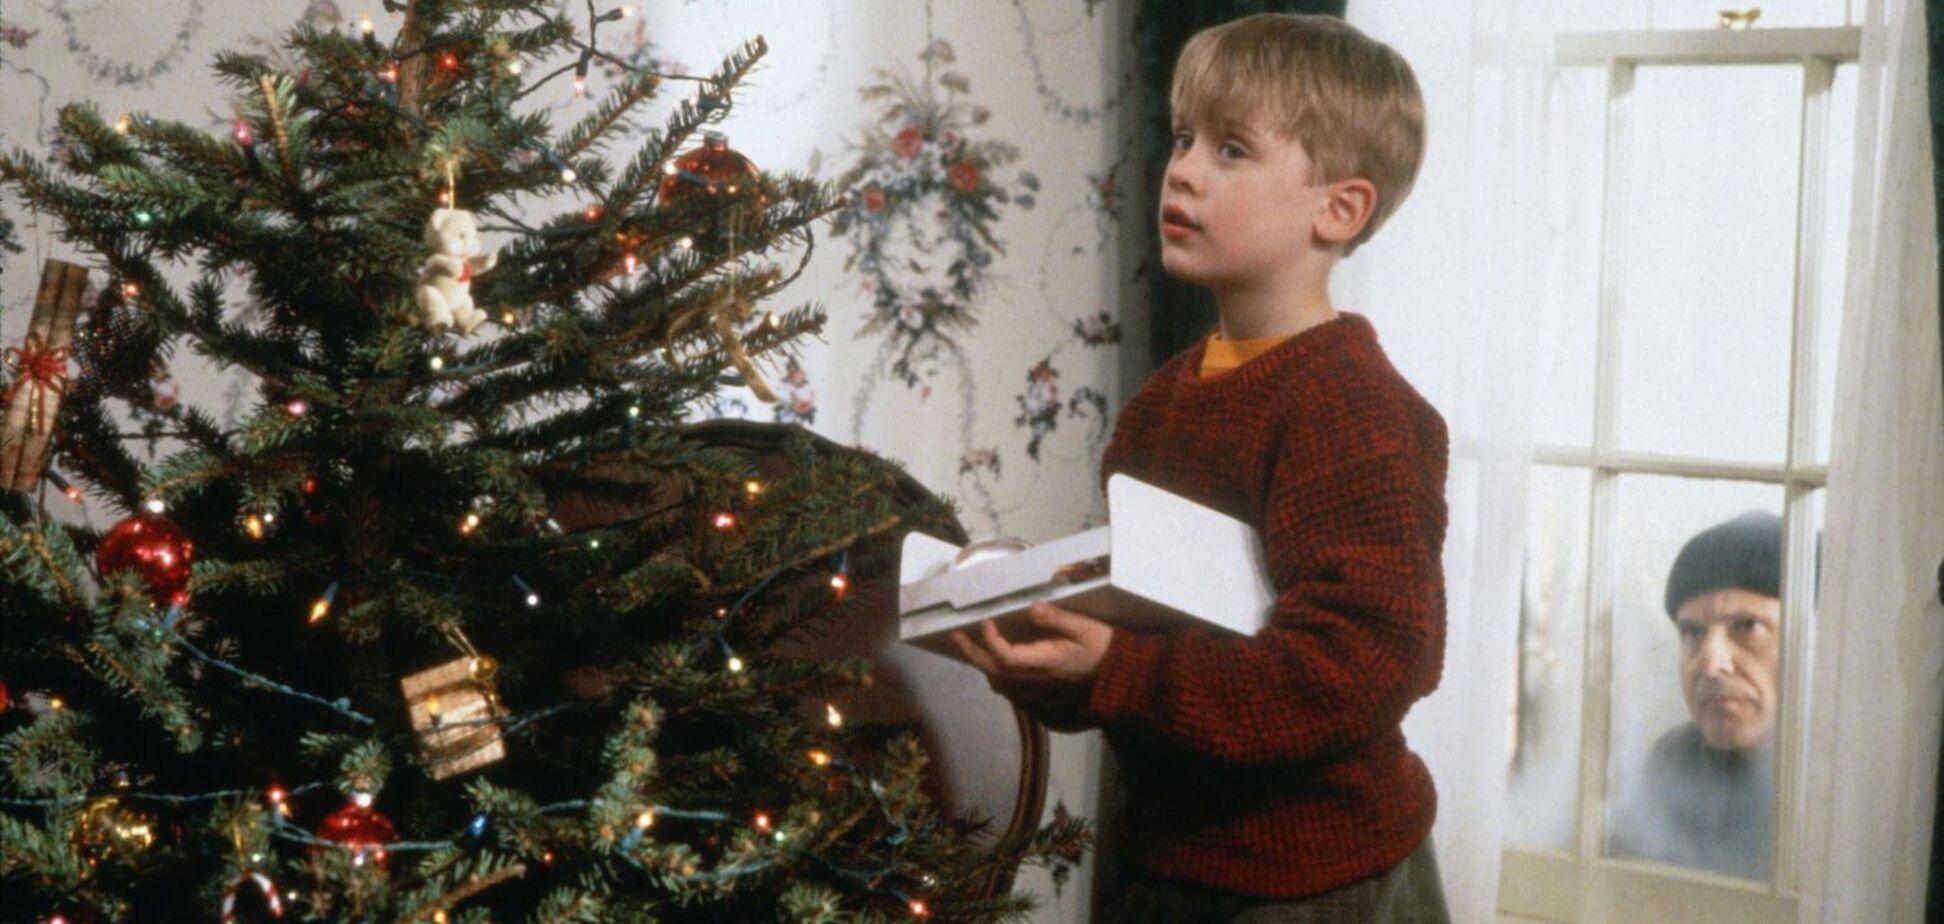 Рождественские фильмы для поднятия настроения: топ-10 лент для всей семьи